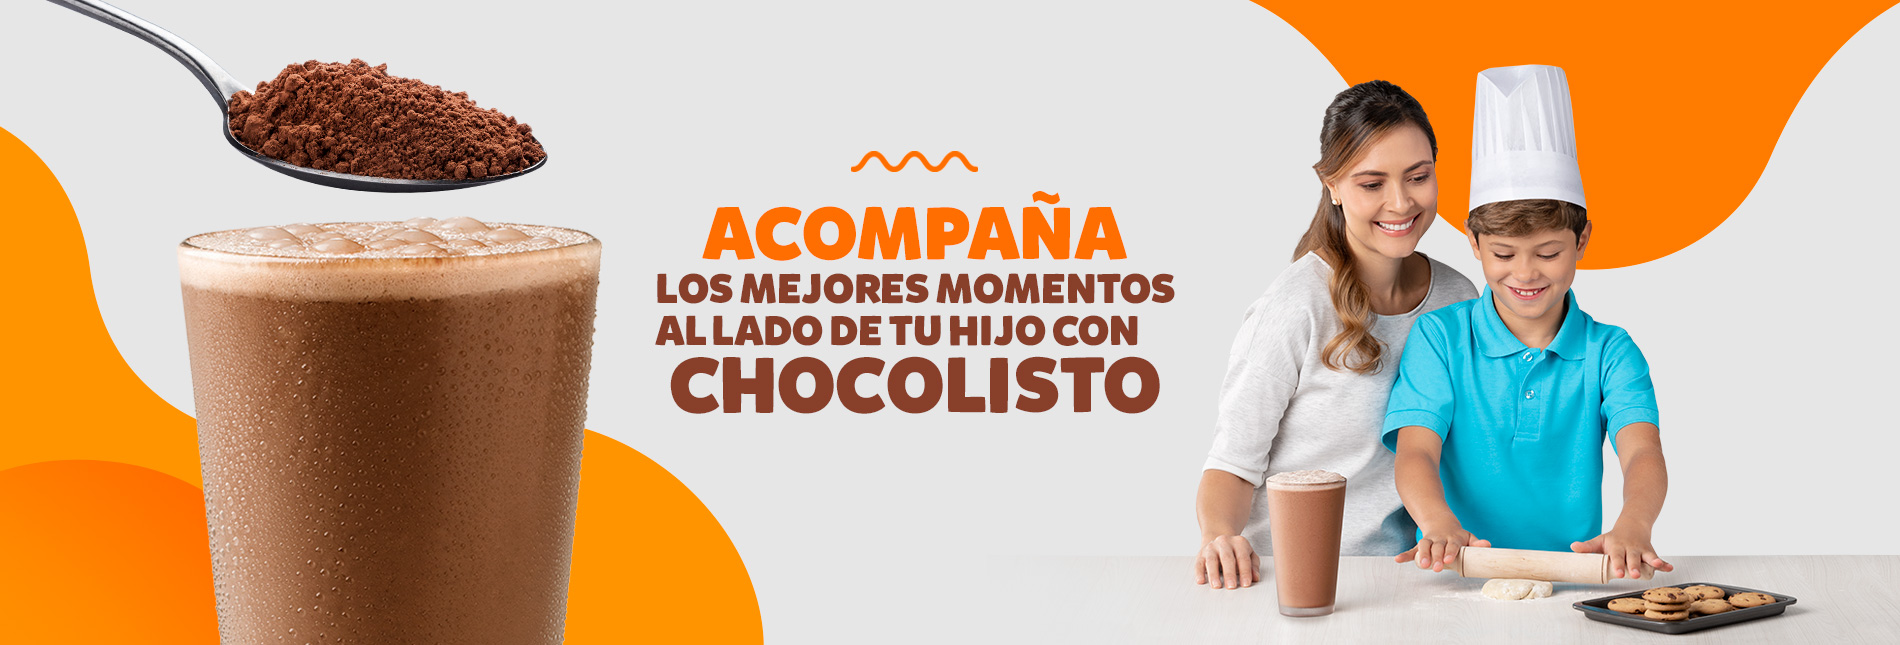 Chocolisto acompaña momentos